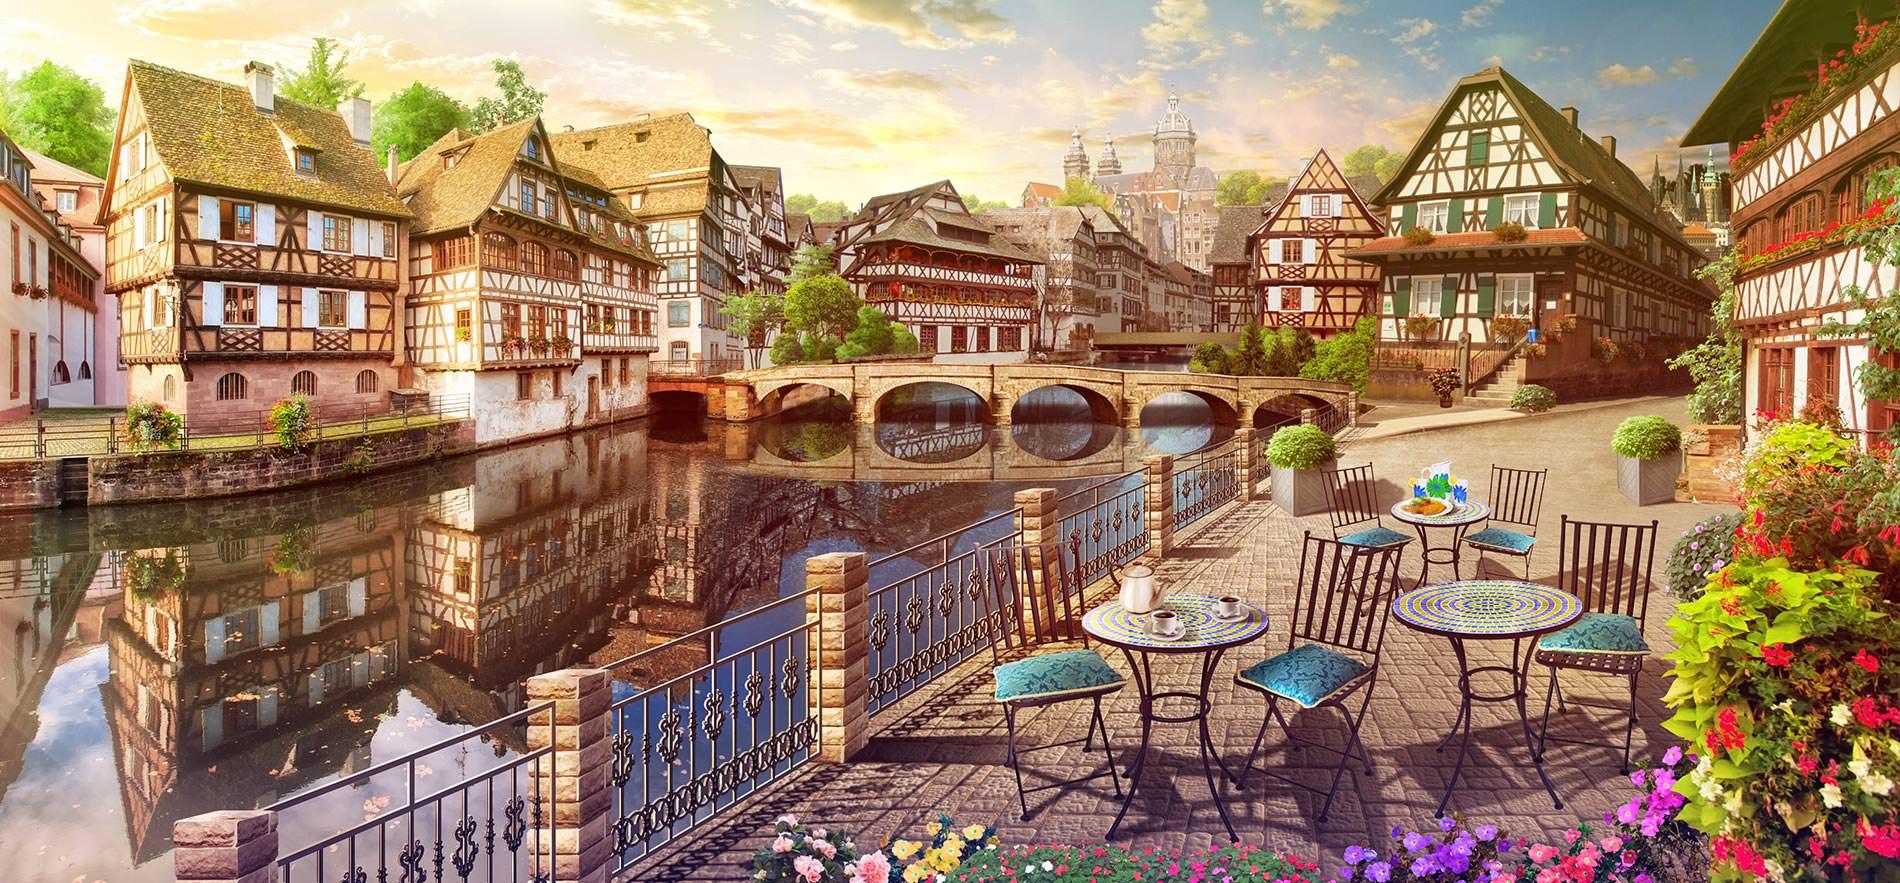 Постеры из европы